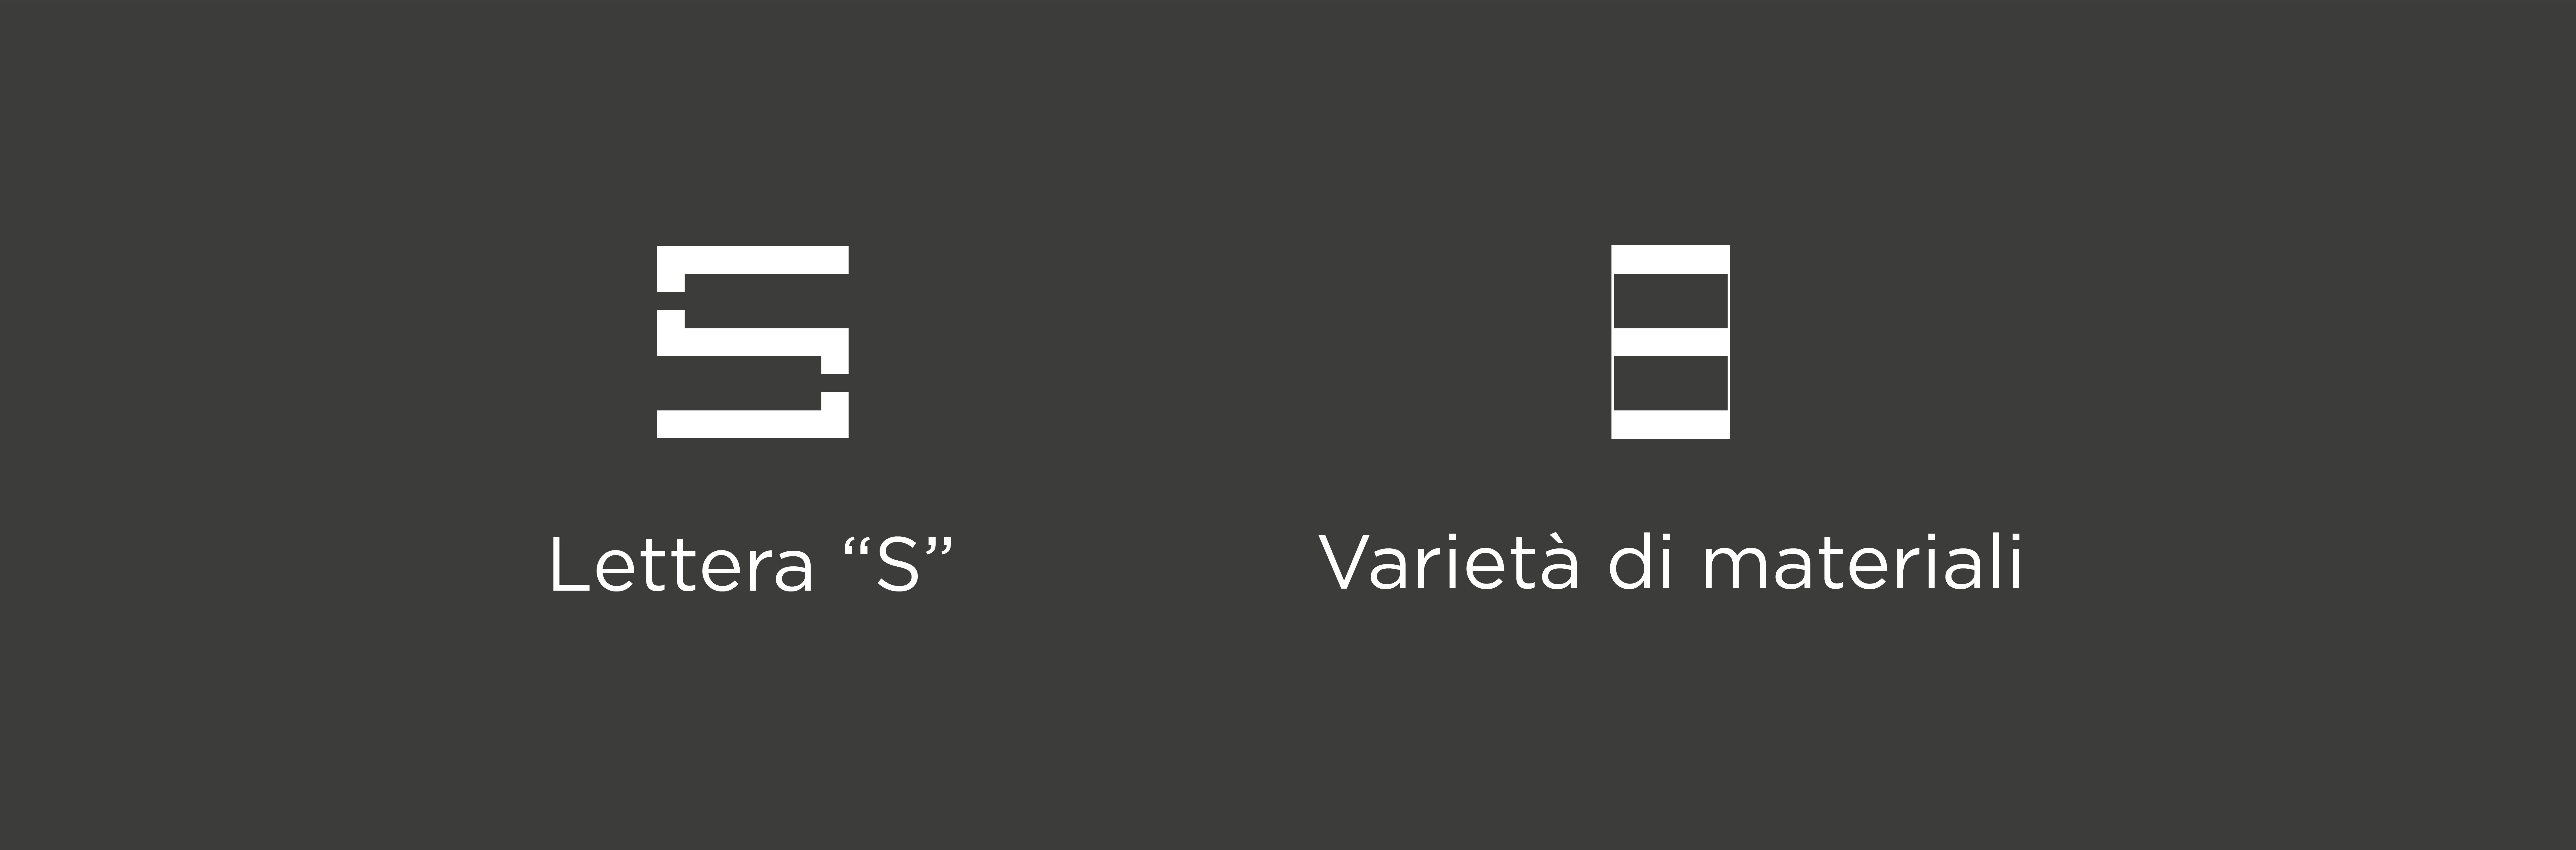 concept del logo savoia formato da due simboli bianchi con didascalia bianca su sfondo grigio scuro